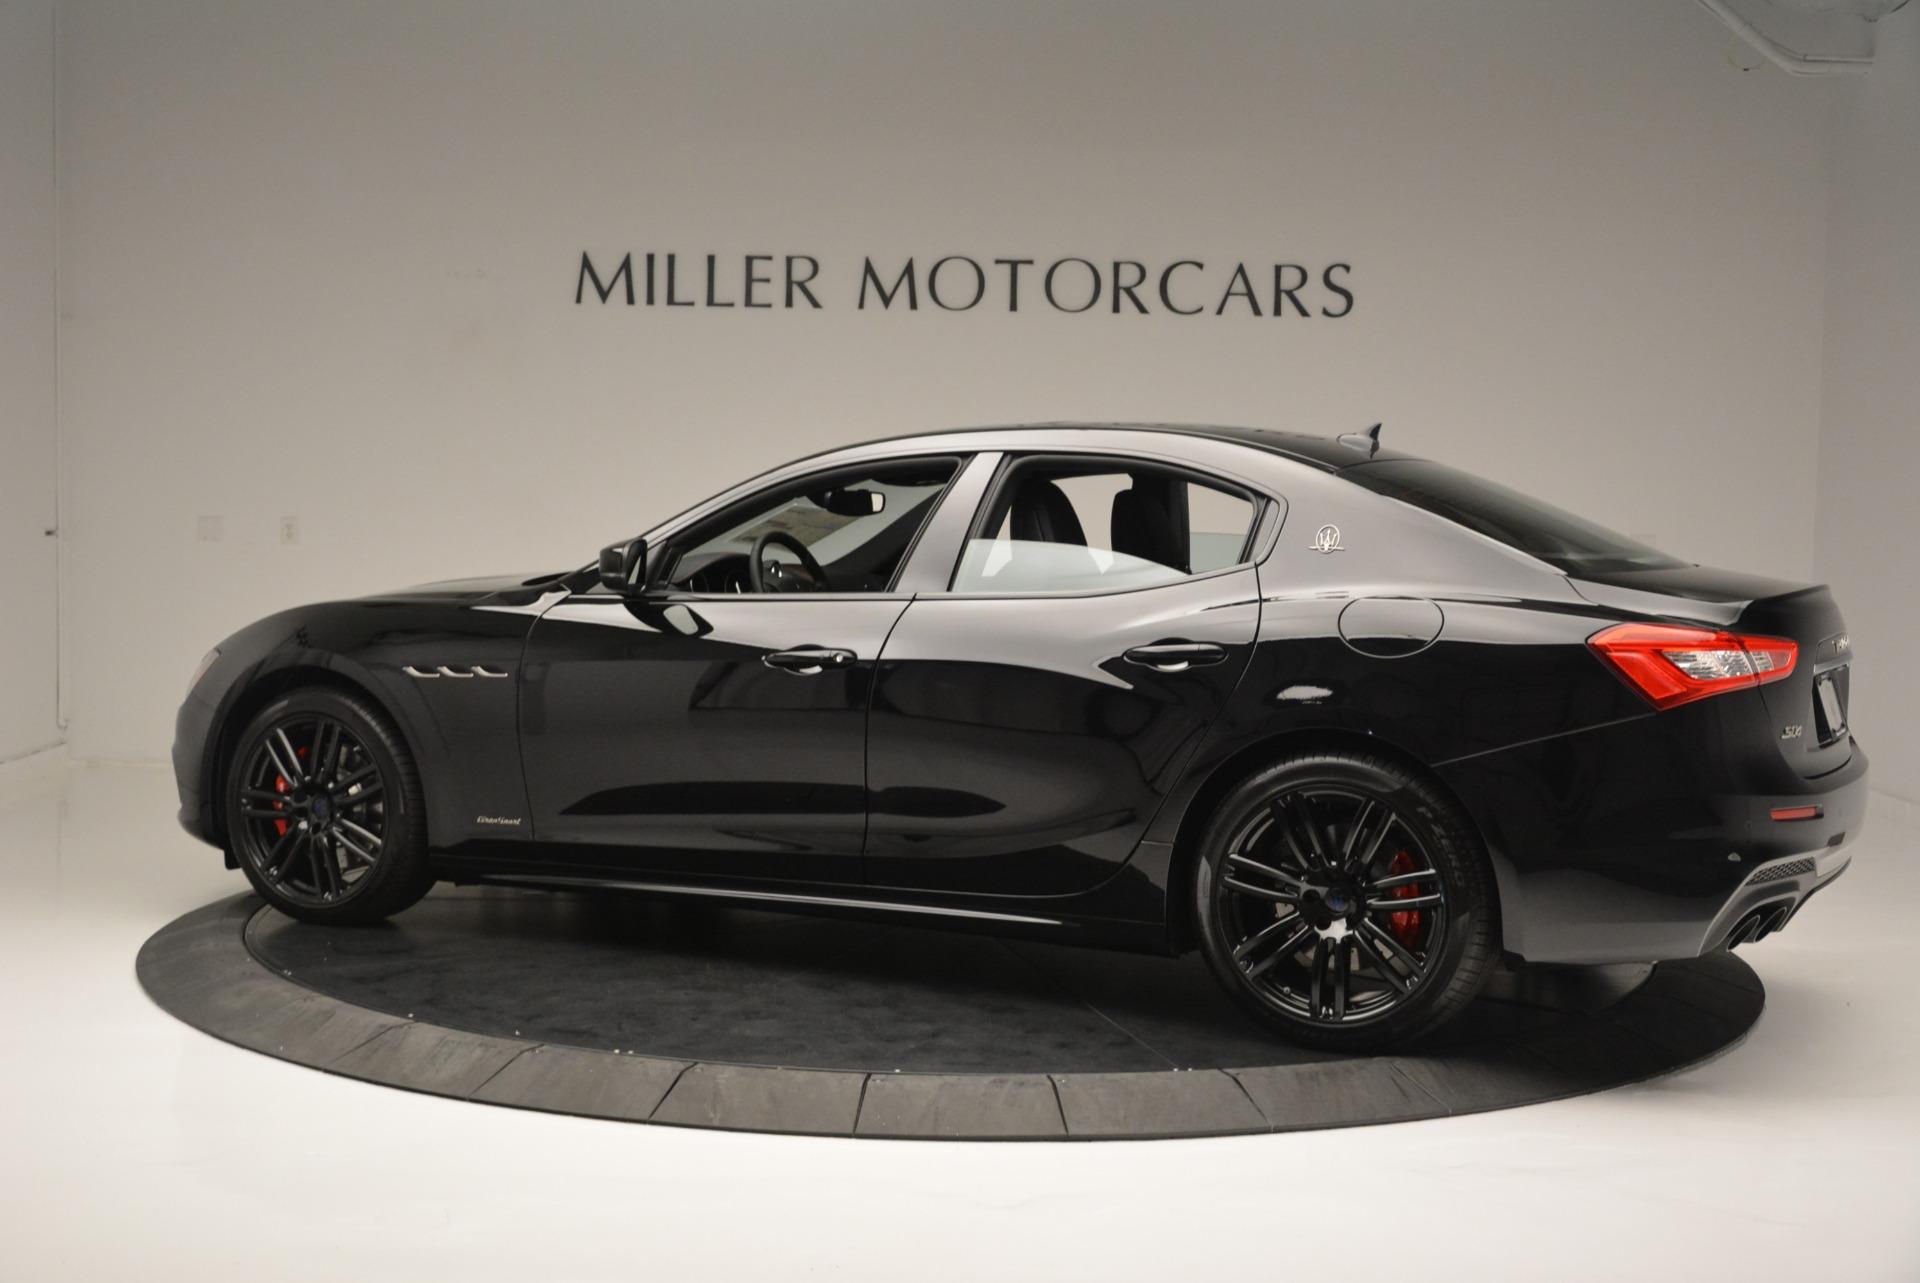 New 2018 Maserati Ghibli SQ4 GranSport Nerissimo For Sale In Greenwich, CT. Alfa Romeo of Greenwich, M2171 2366_p4